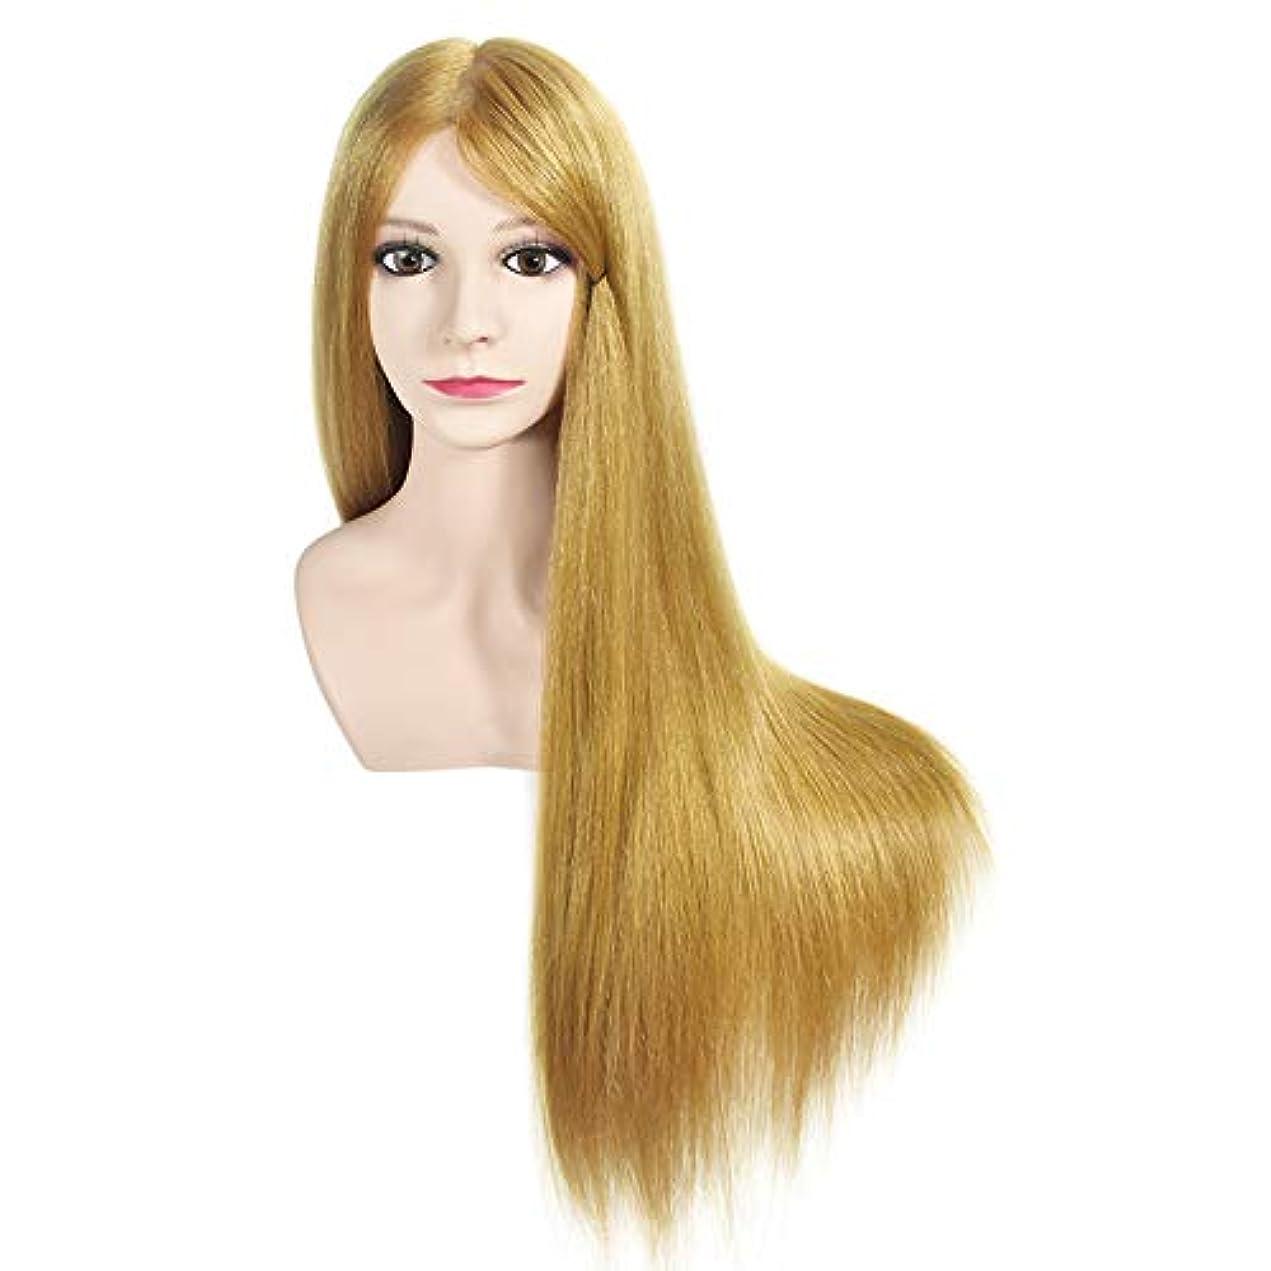 対抗共同選択アライメントサロンヘアブレイド理髪指導ヘッドスタイリング散髪ダミーヘッド化粧学習ショルダーマネキンヘッド